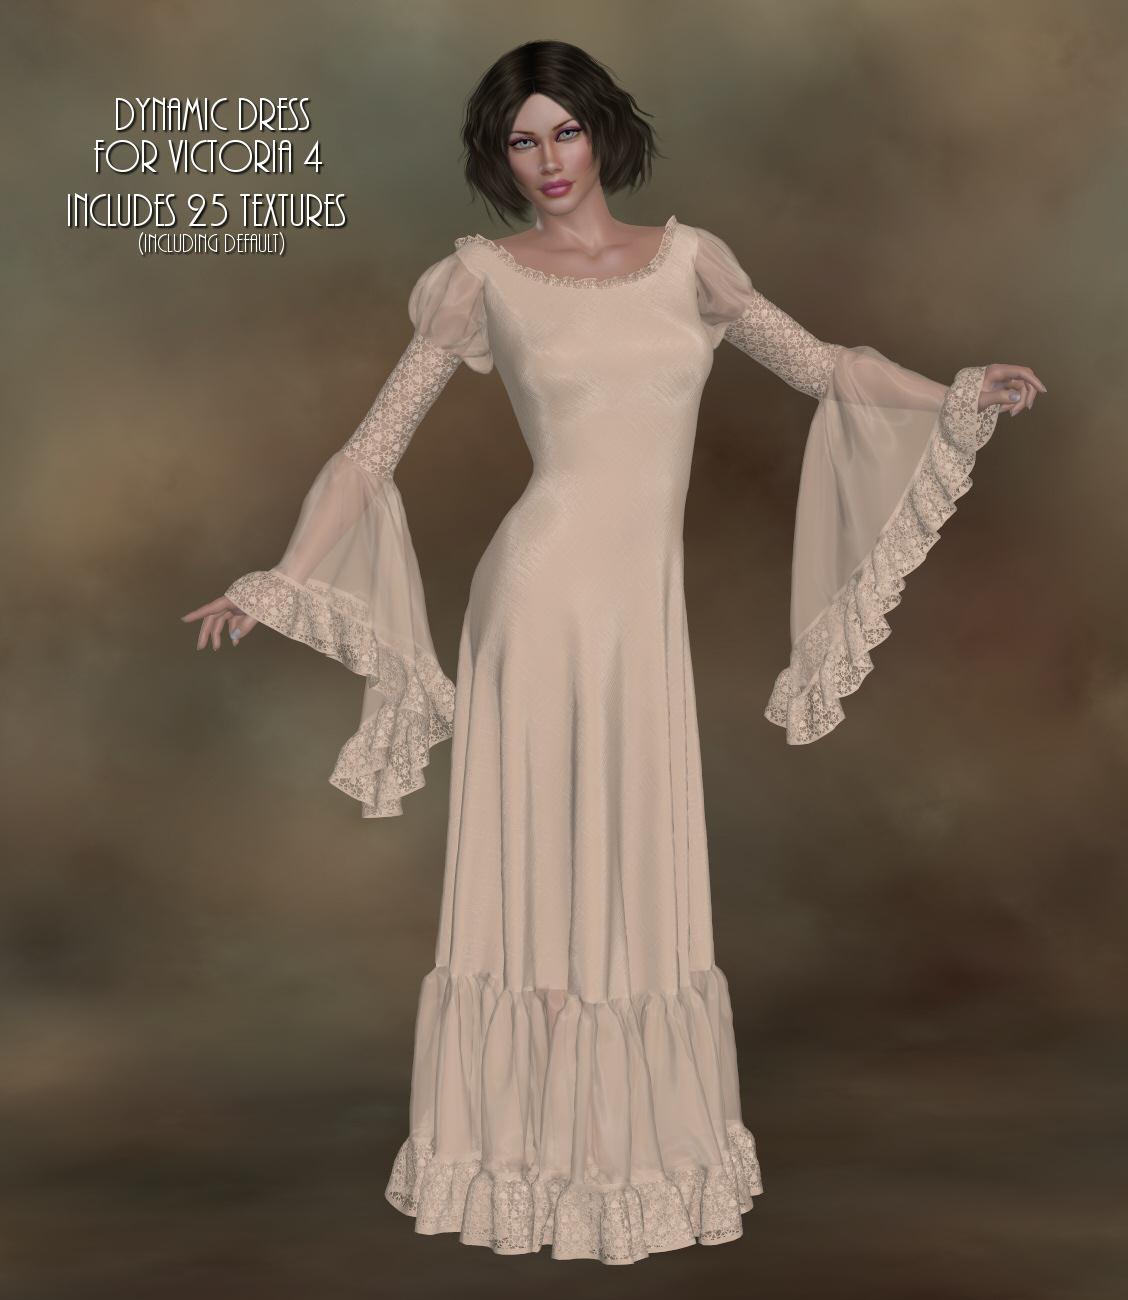 Dynamics-14-Flamenco Dress for V4